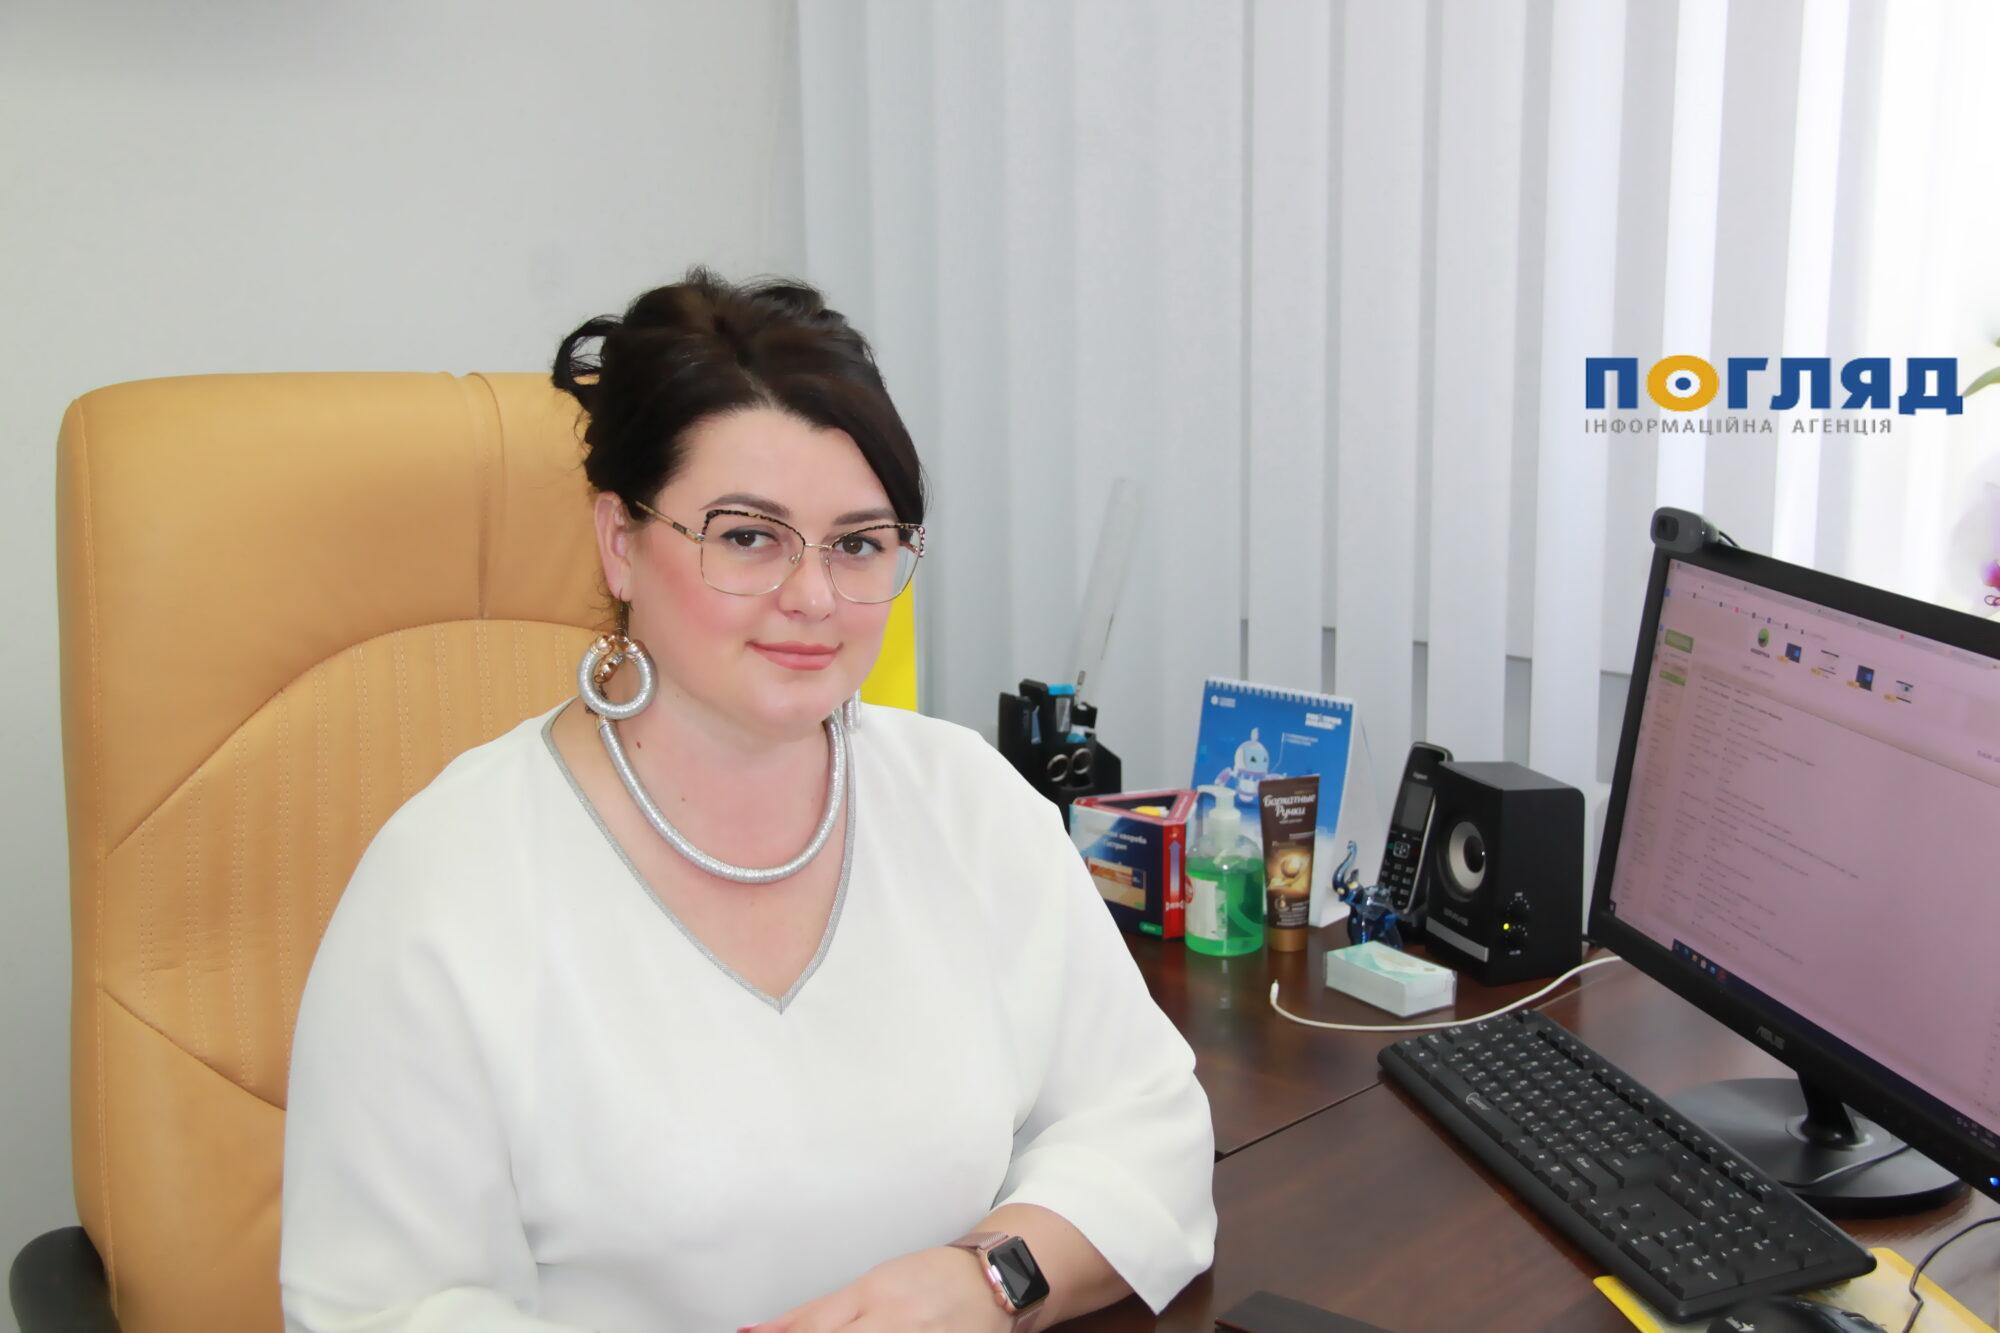 Коронавірус на Васильківщині: інтерв'ю з головним лікарем (частина І) - коронавірус - IMG 5132 2000x1333